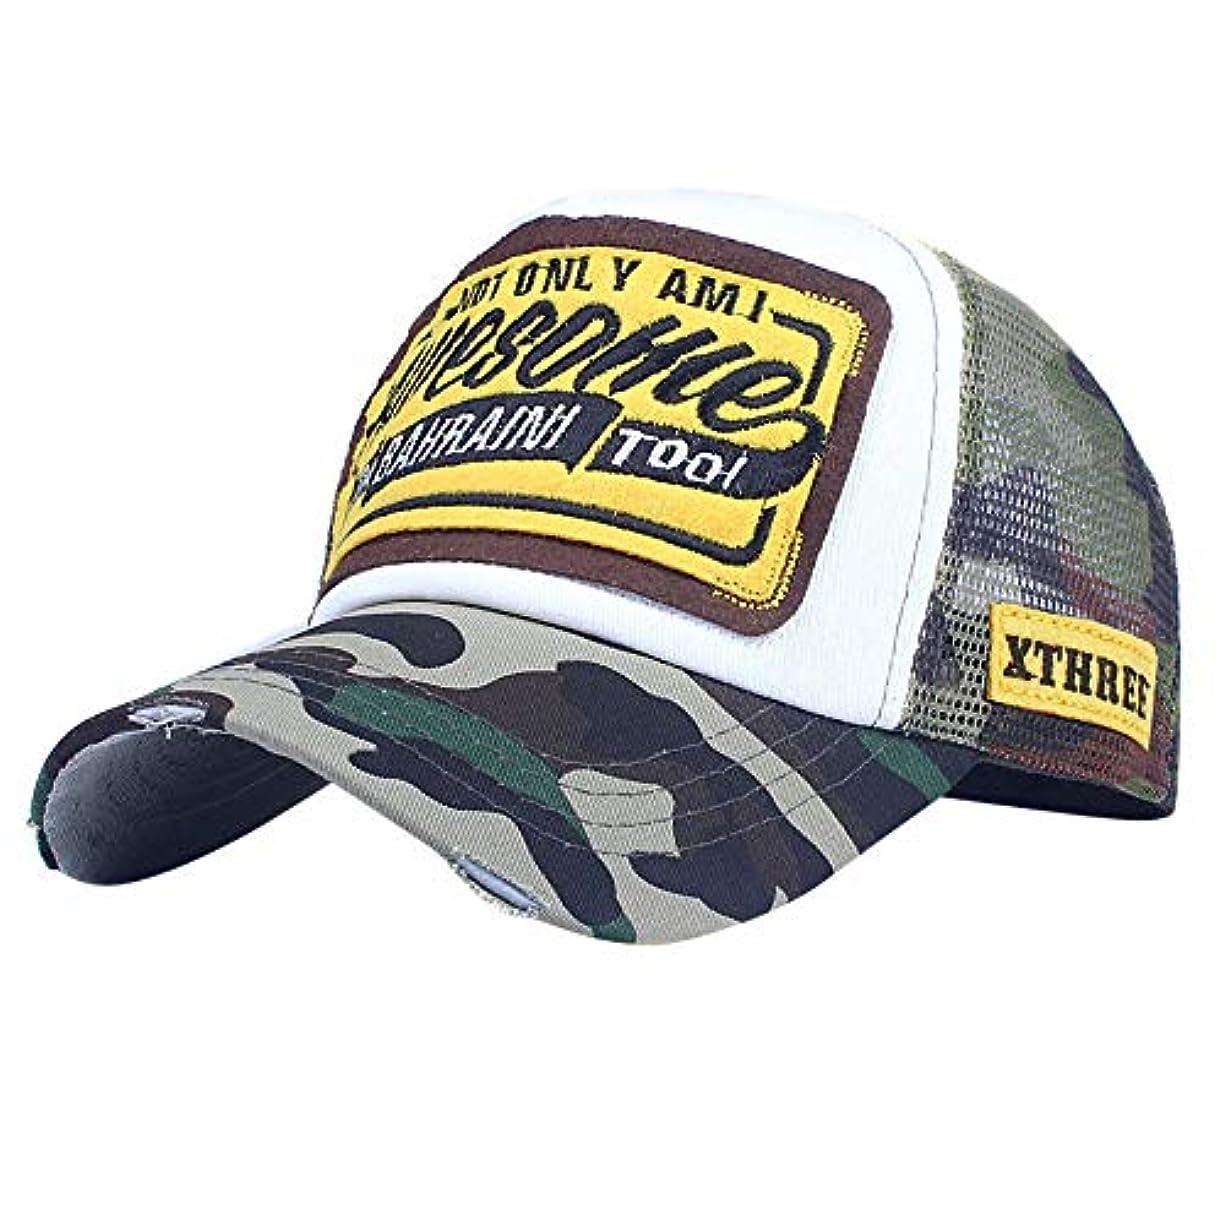 きつく型外出Racazing カモフラージュ 野球帽 ヒップホップ メンズ 夏 登山 帽子 迷彩 可調整可能 プラスベルベット 棒球帽 UV 帽子 UVカット軽量 屋外 Unisex 鸭舌帽 Hat Cap